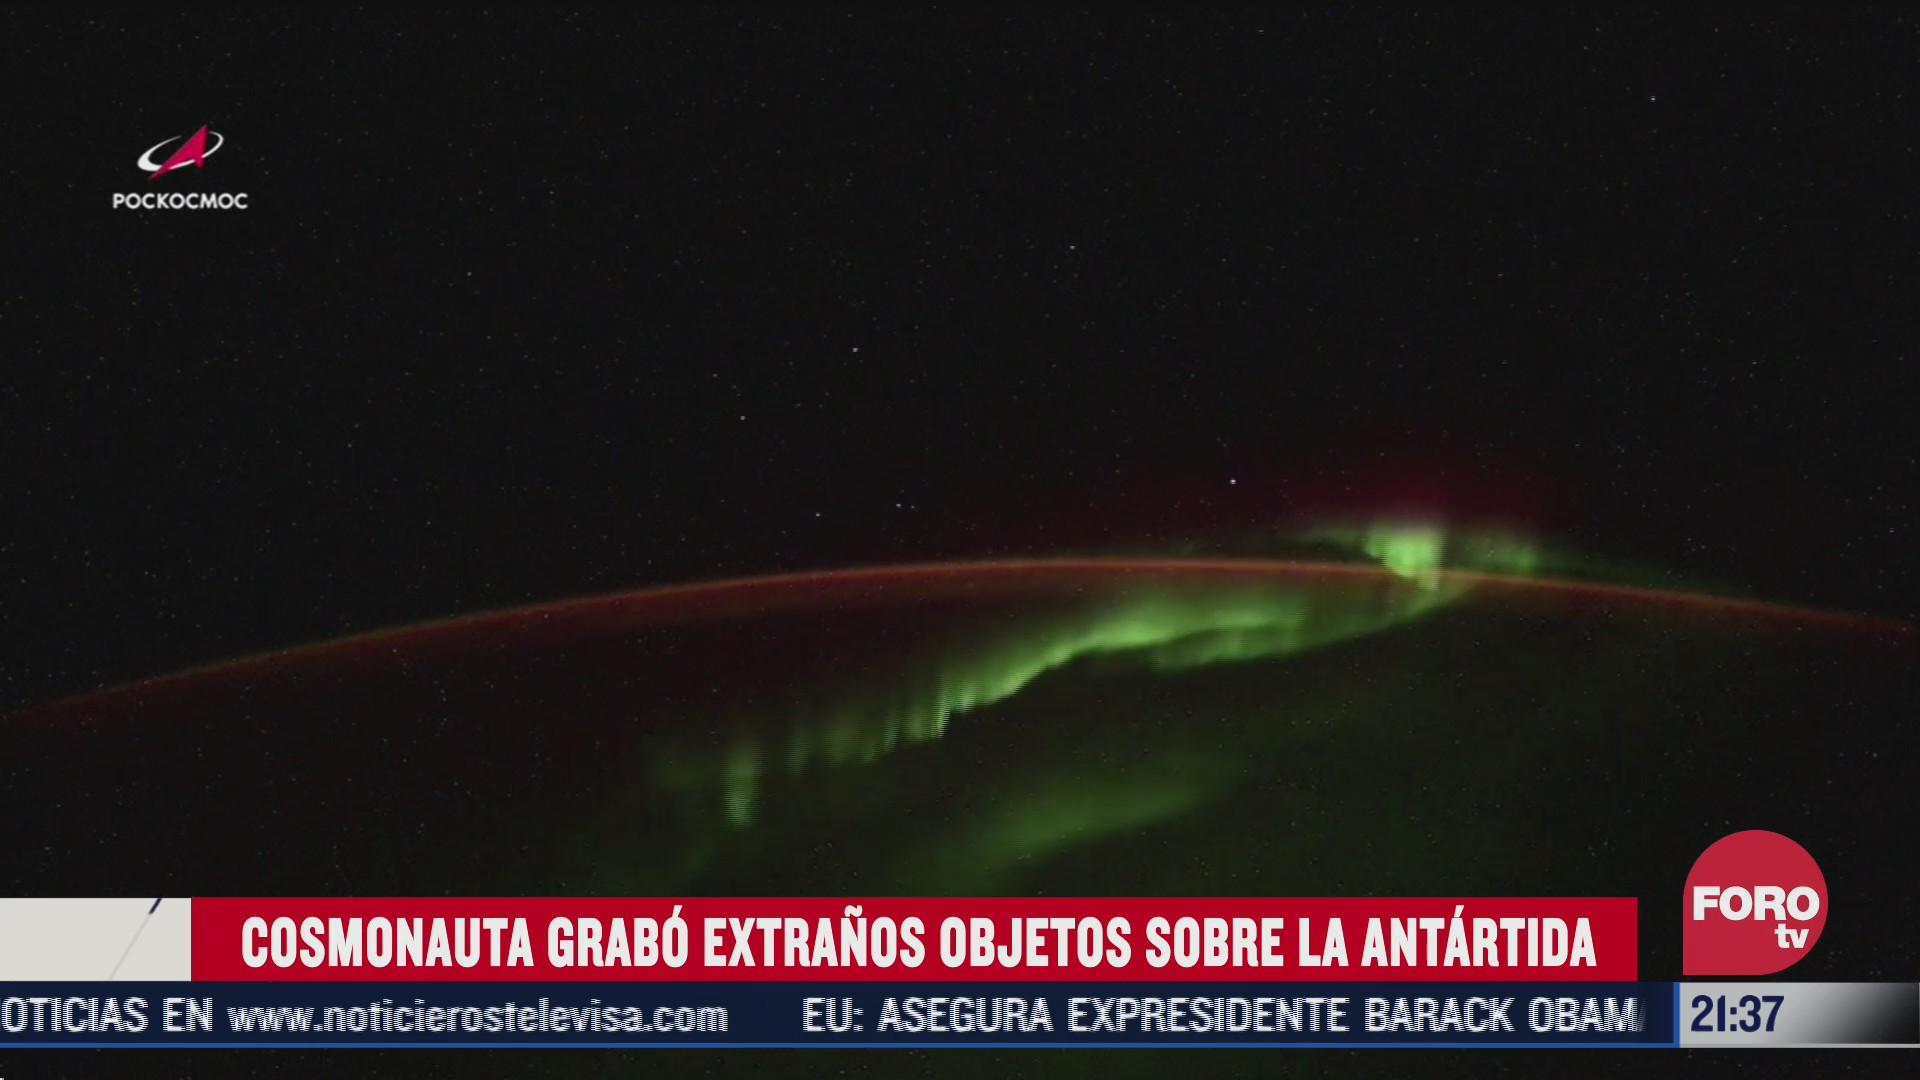 nauta ruso graba en video dos extraños objetos sobre la Antártida y una aurora boreal